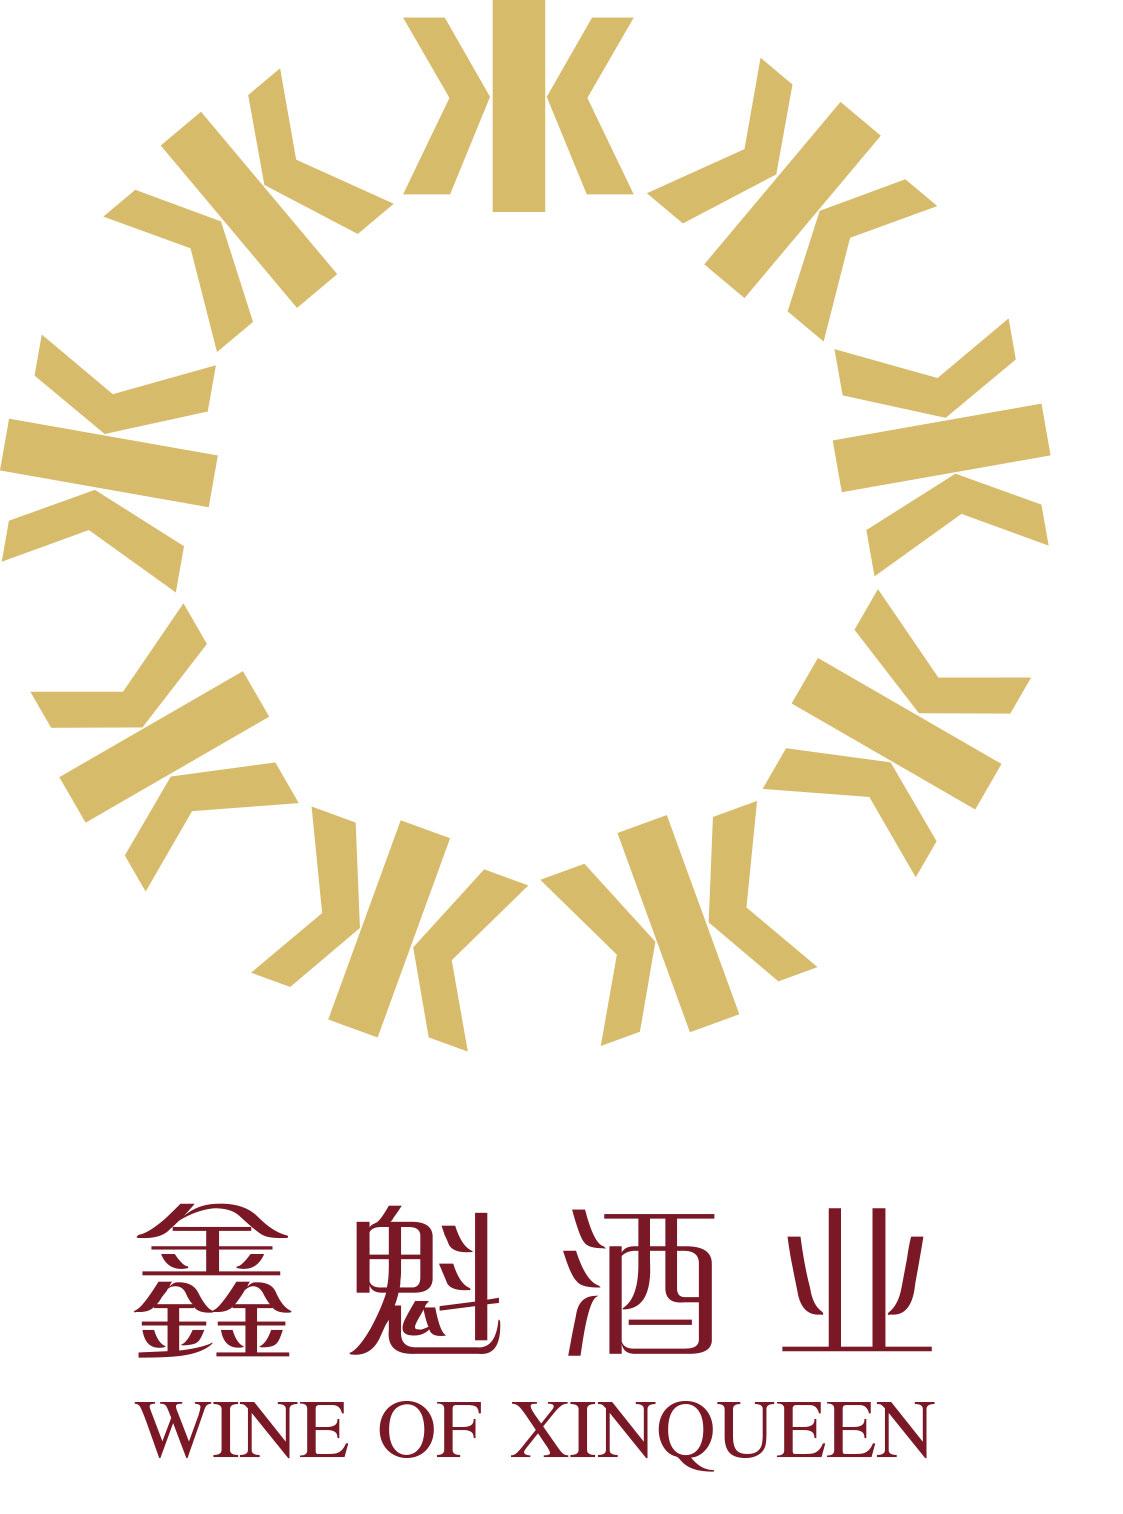 厦门市鑫魁酒业有限公司